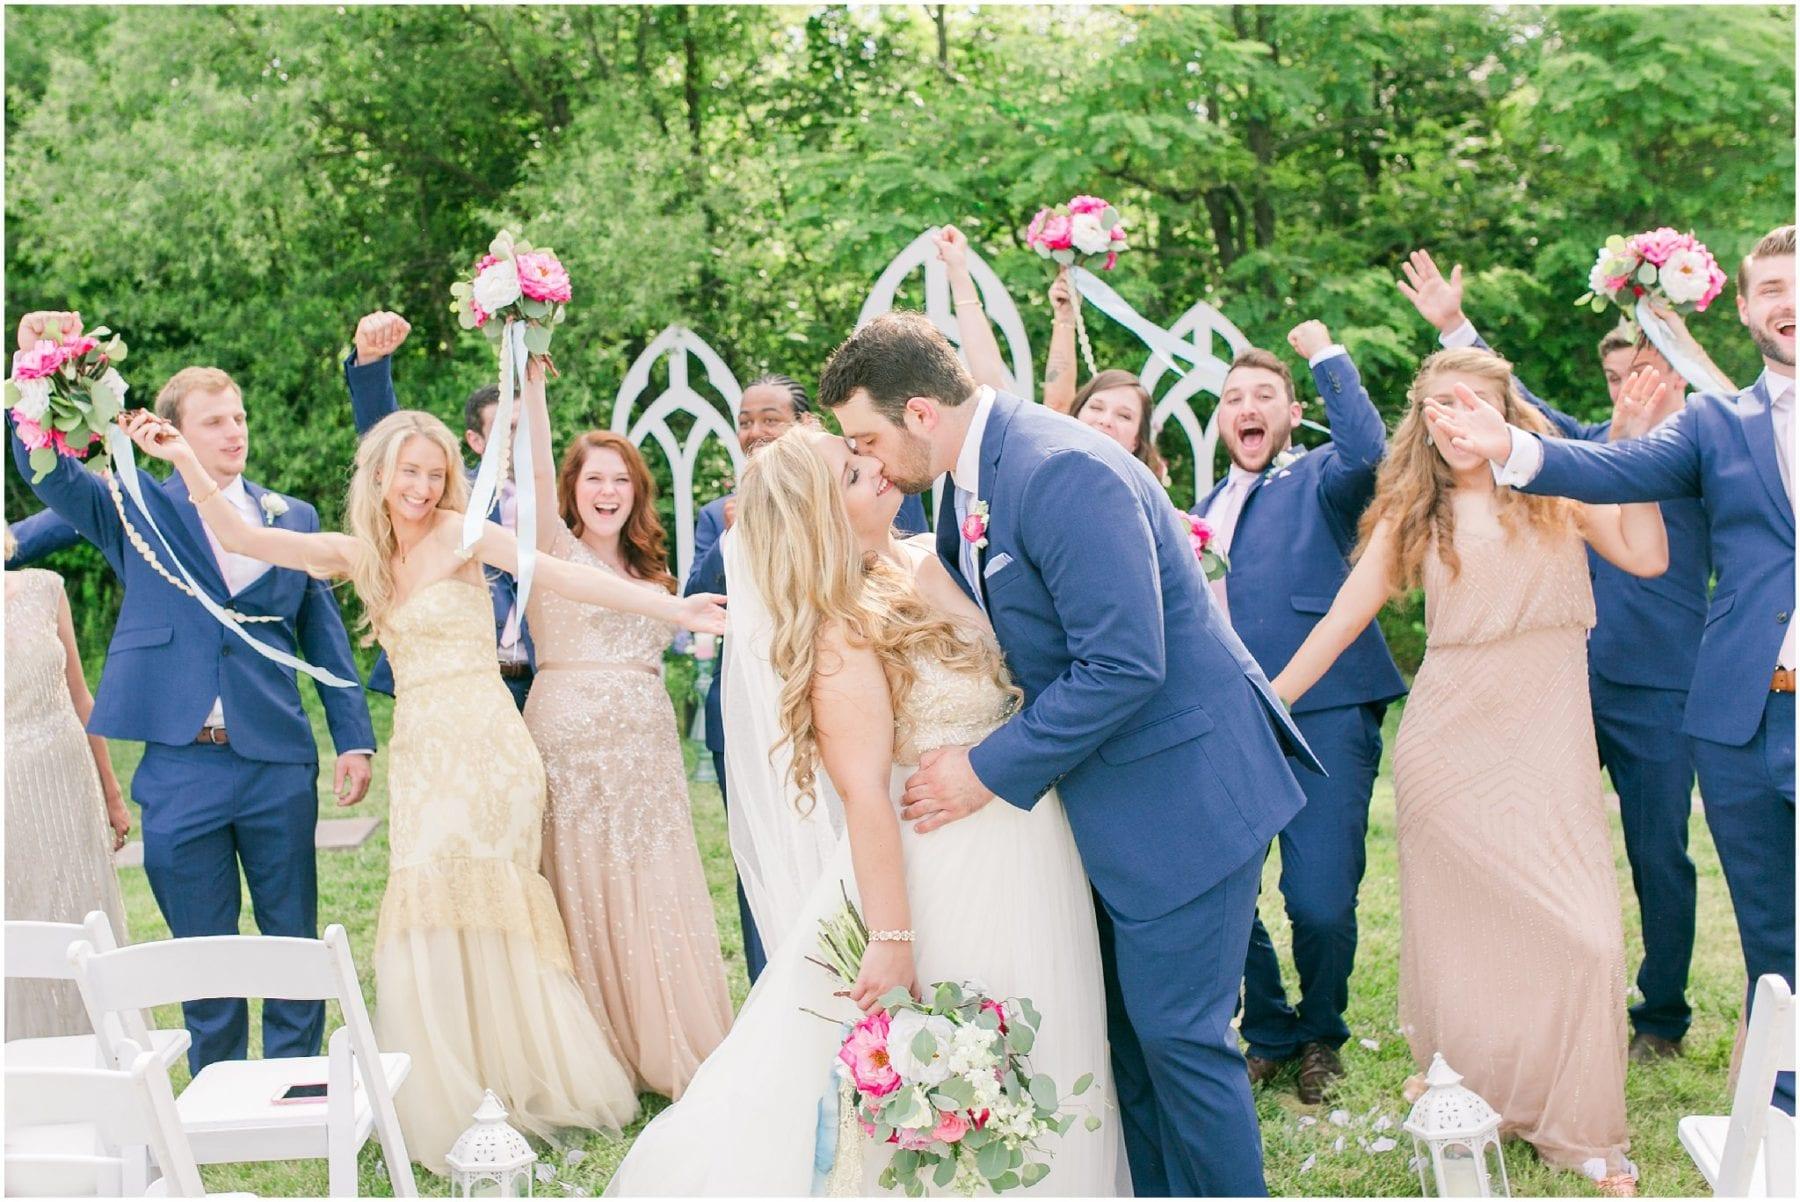 Maryland Backyard Wedding Photos Kelly & Zach Megan Kelsey Photography-146.jpg